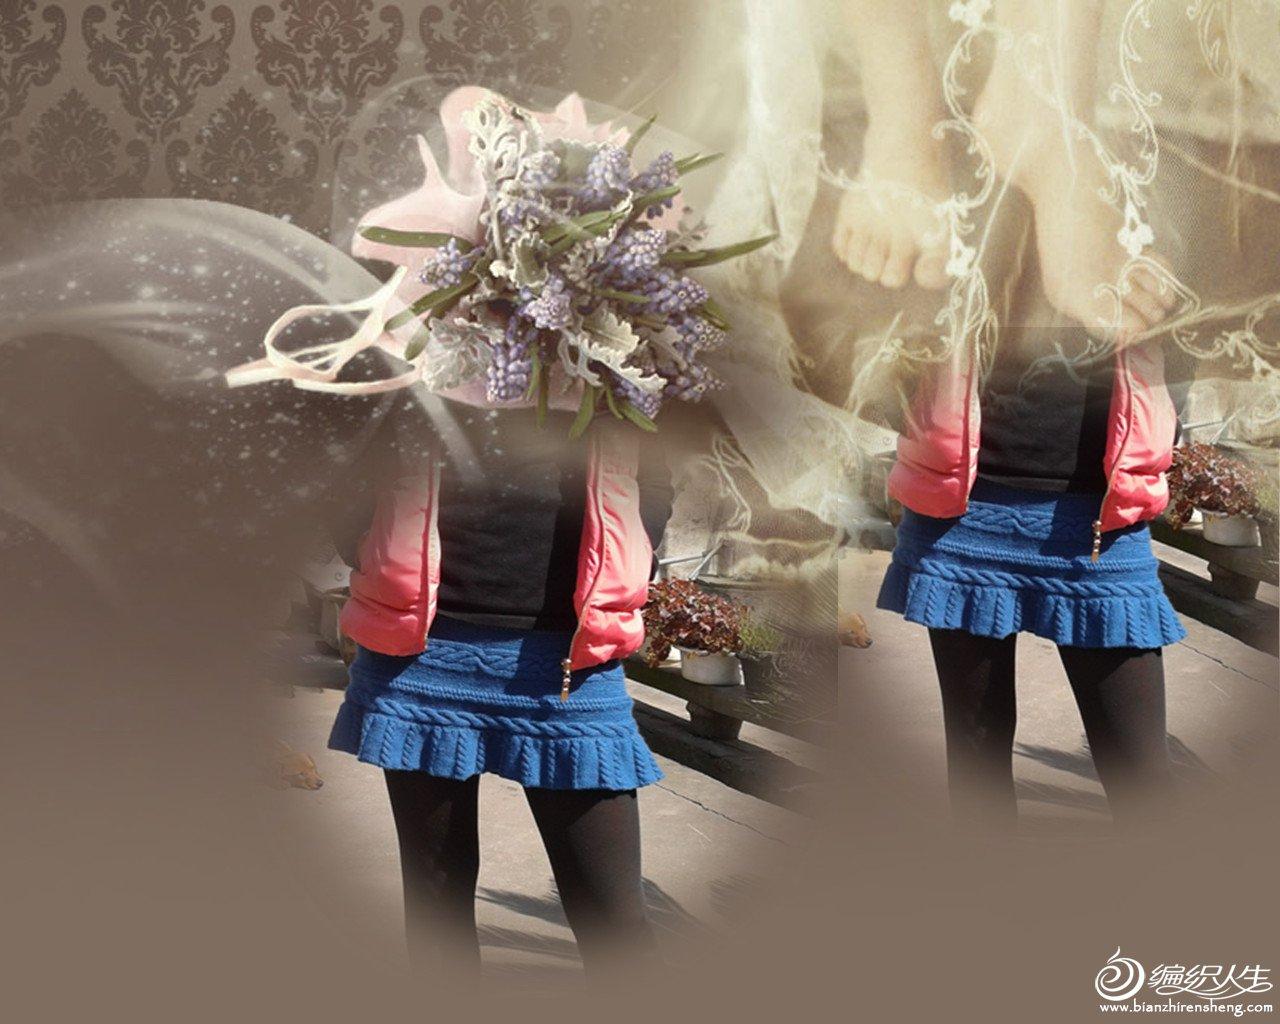 2012-03-24 14.17.53_副本.jpg